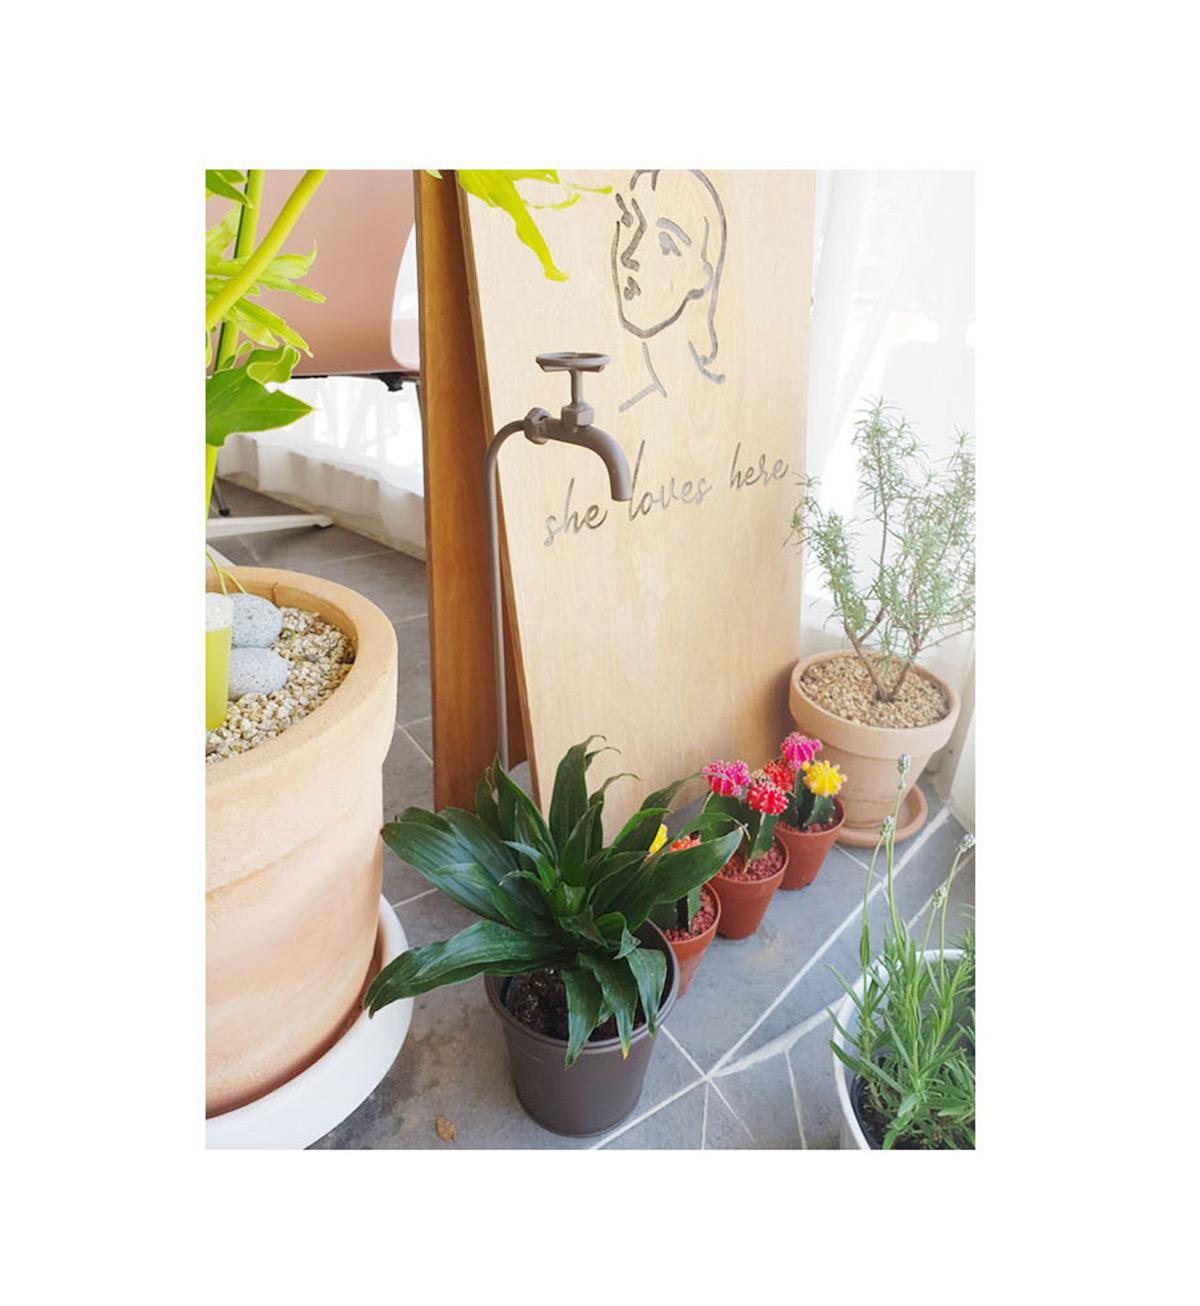 식물 세팅 이미지